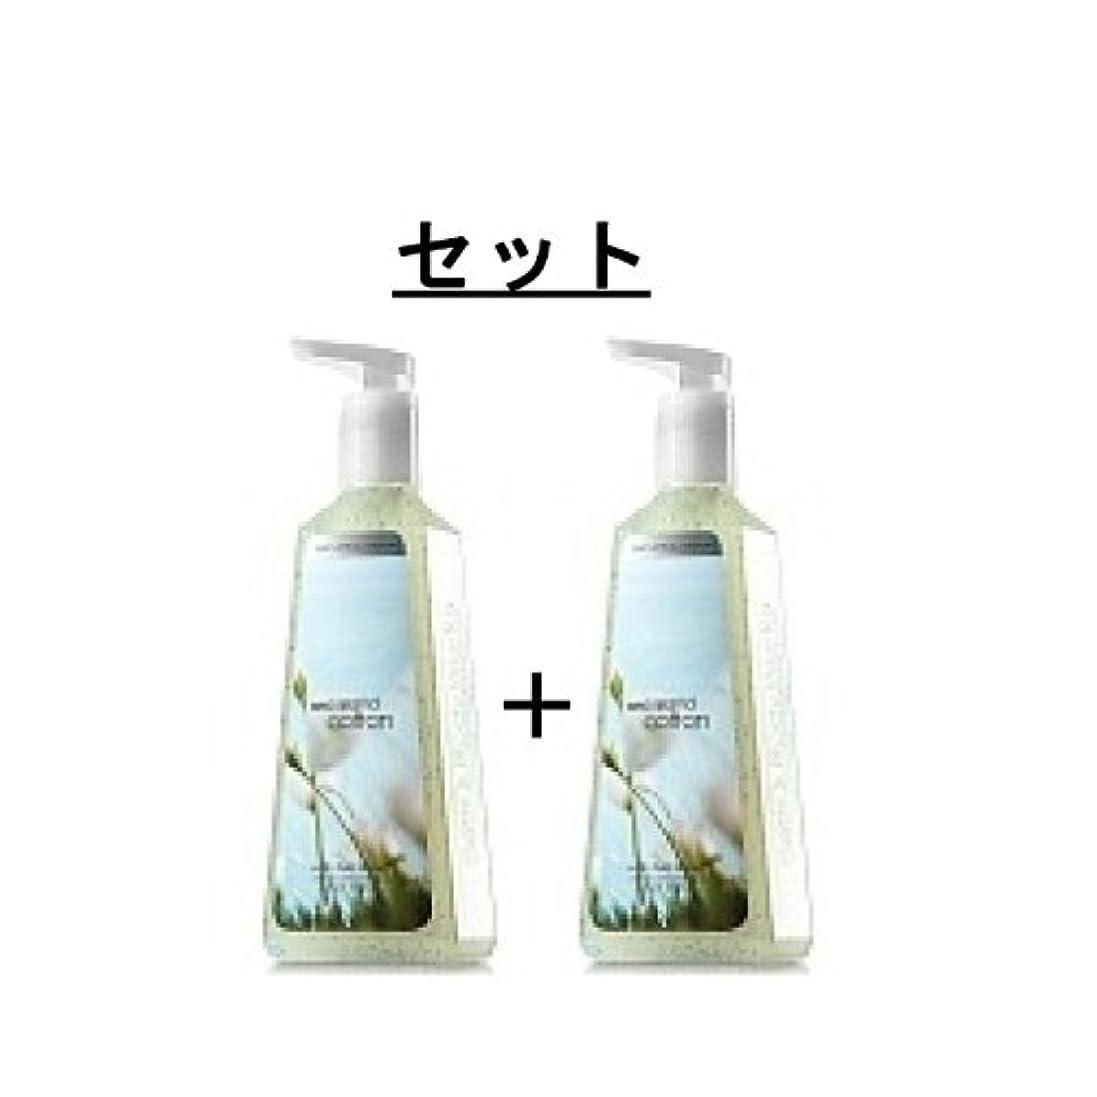 斧紛争追い払うBath & Body Works Sea Island Cotton Antibacterial Deep Cleansing Hand Soap Set of 2 シーアイランドコットン【並行輸入品】